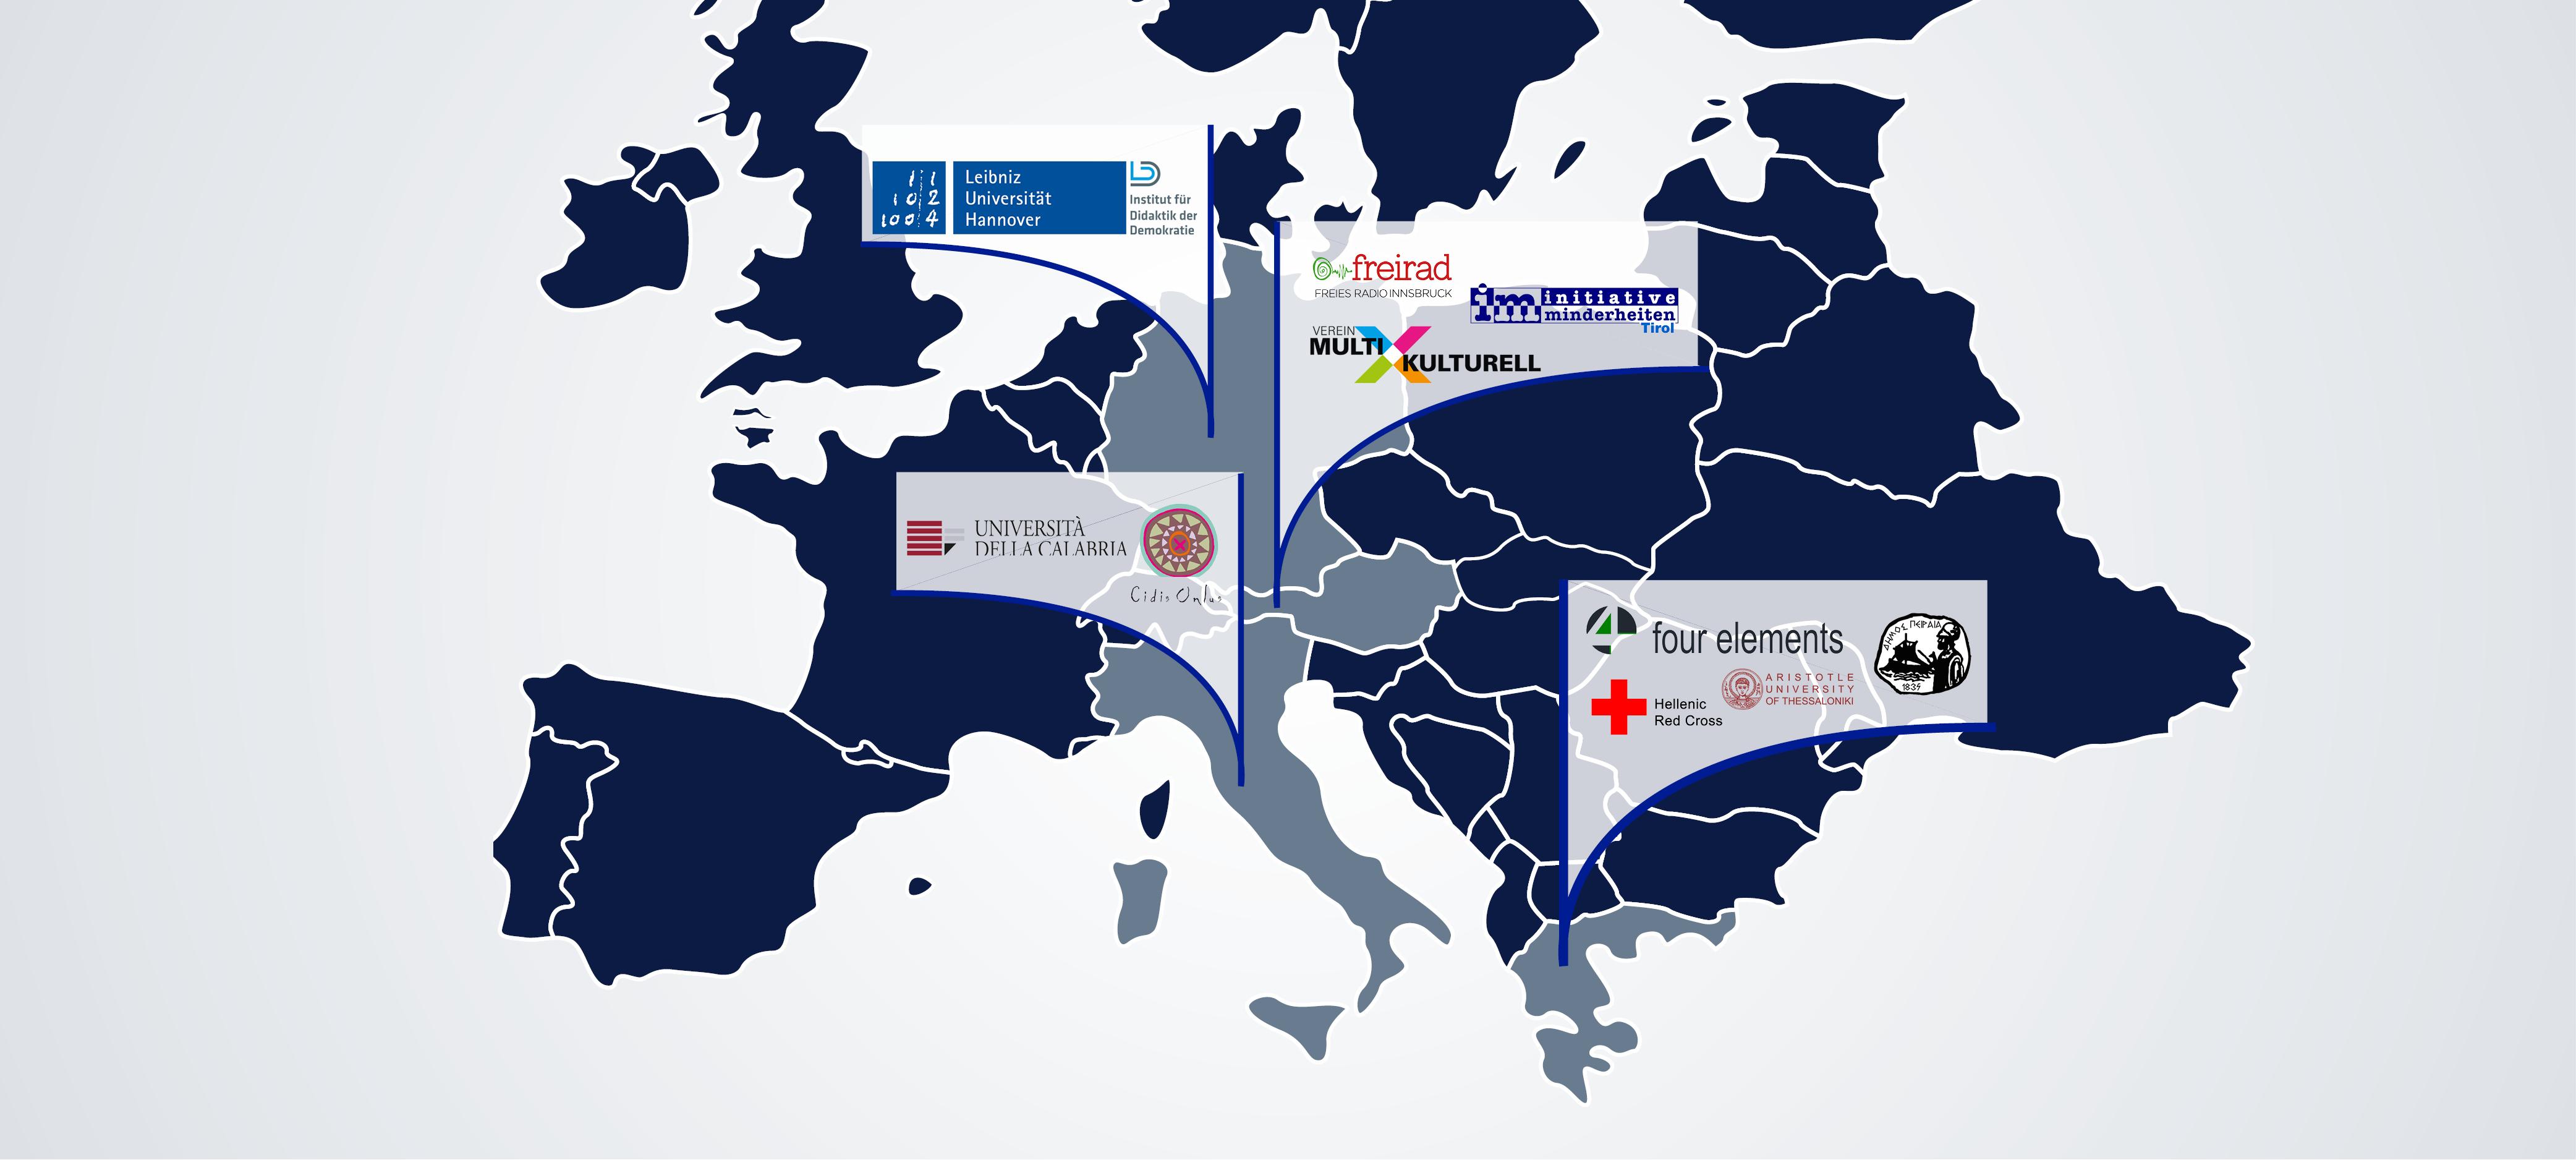 Karte von Europa mit Logos der Partnerorganisationen in ihren jeweiligen Ländern